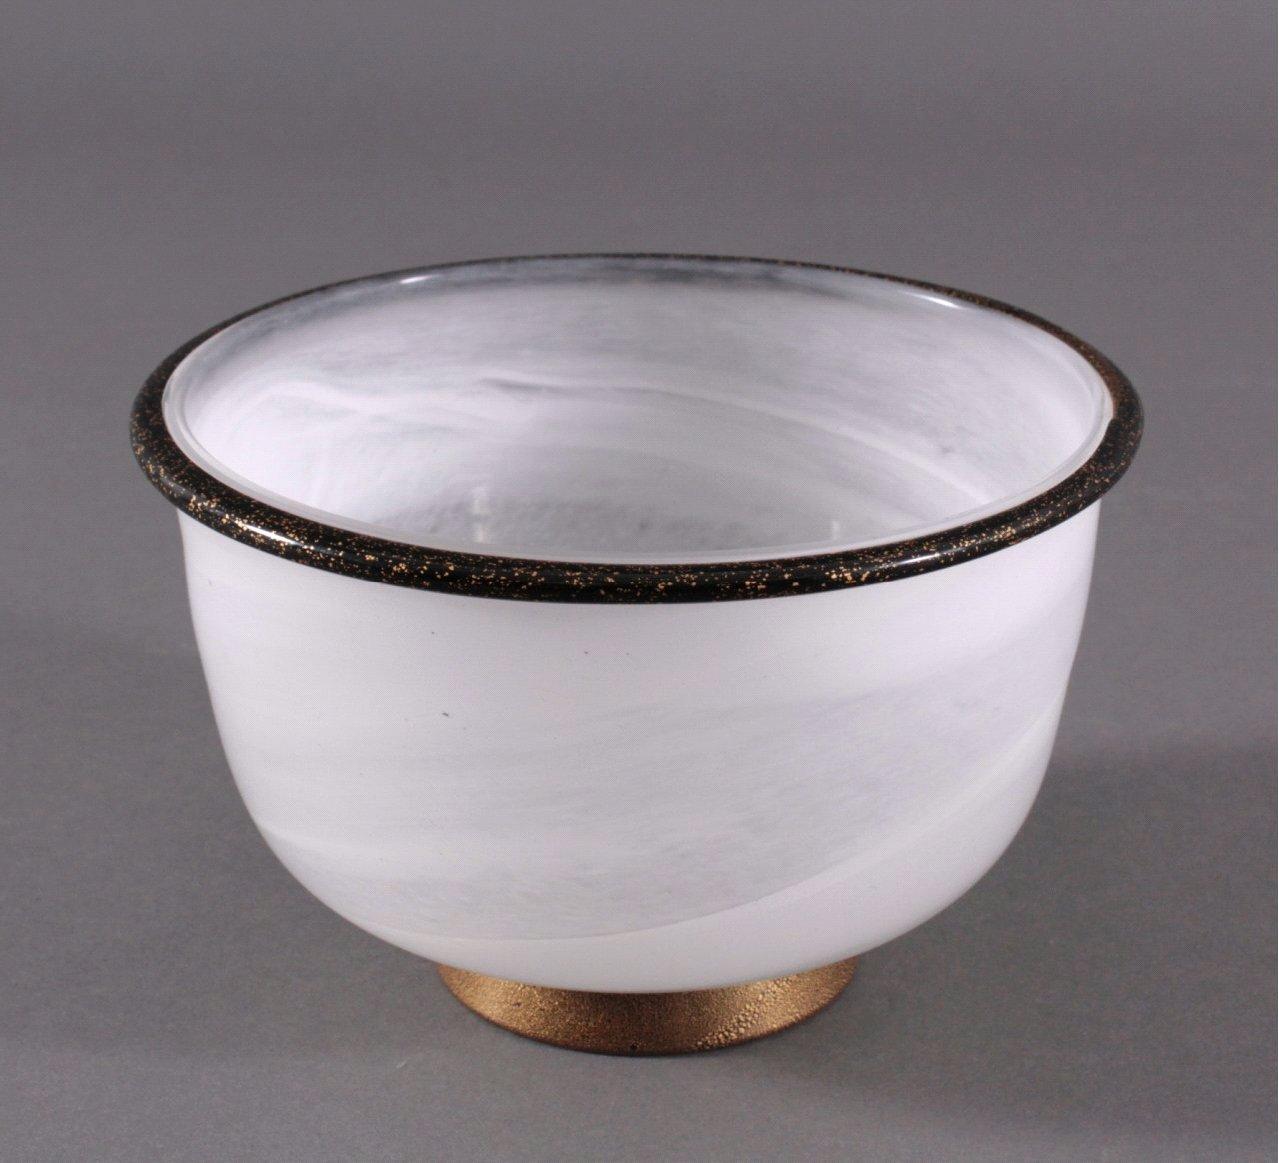 Künstlerglas, runde Anbietschale, 20. Jhd.-1